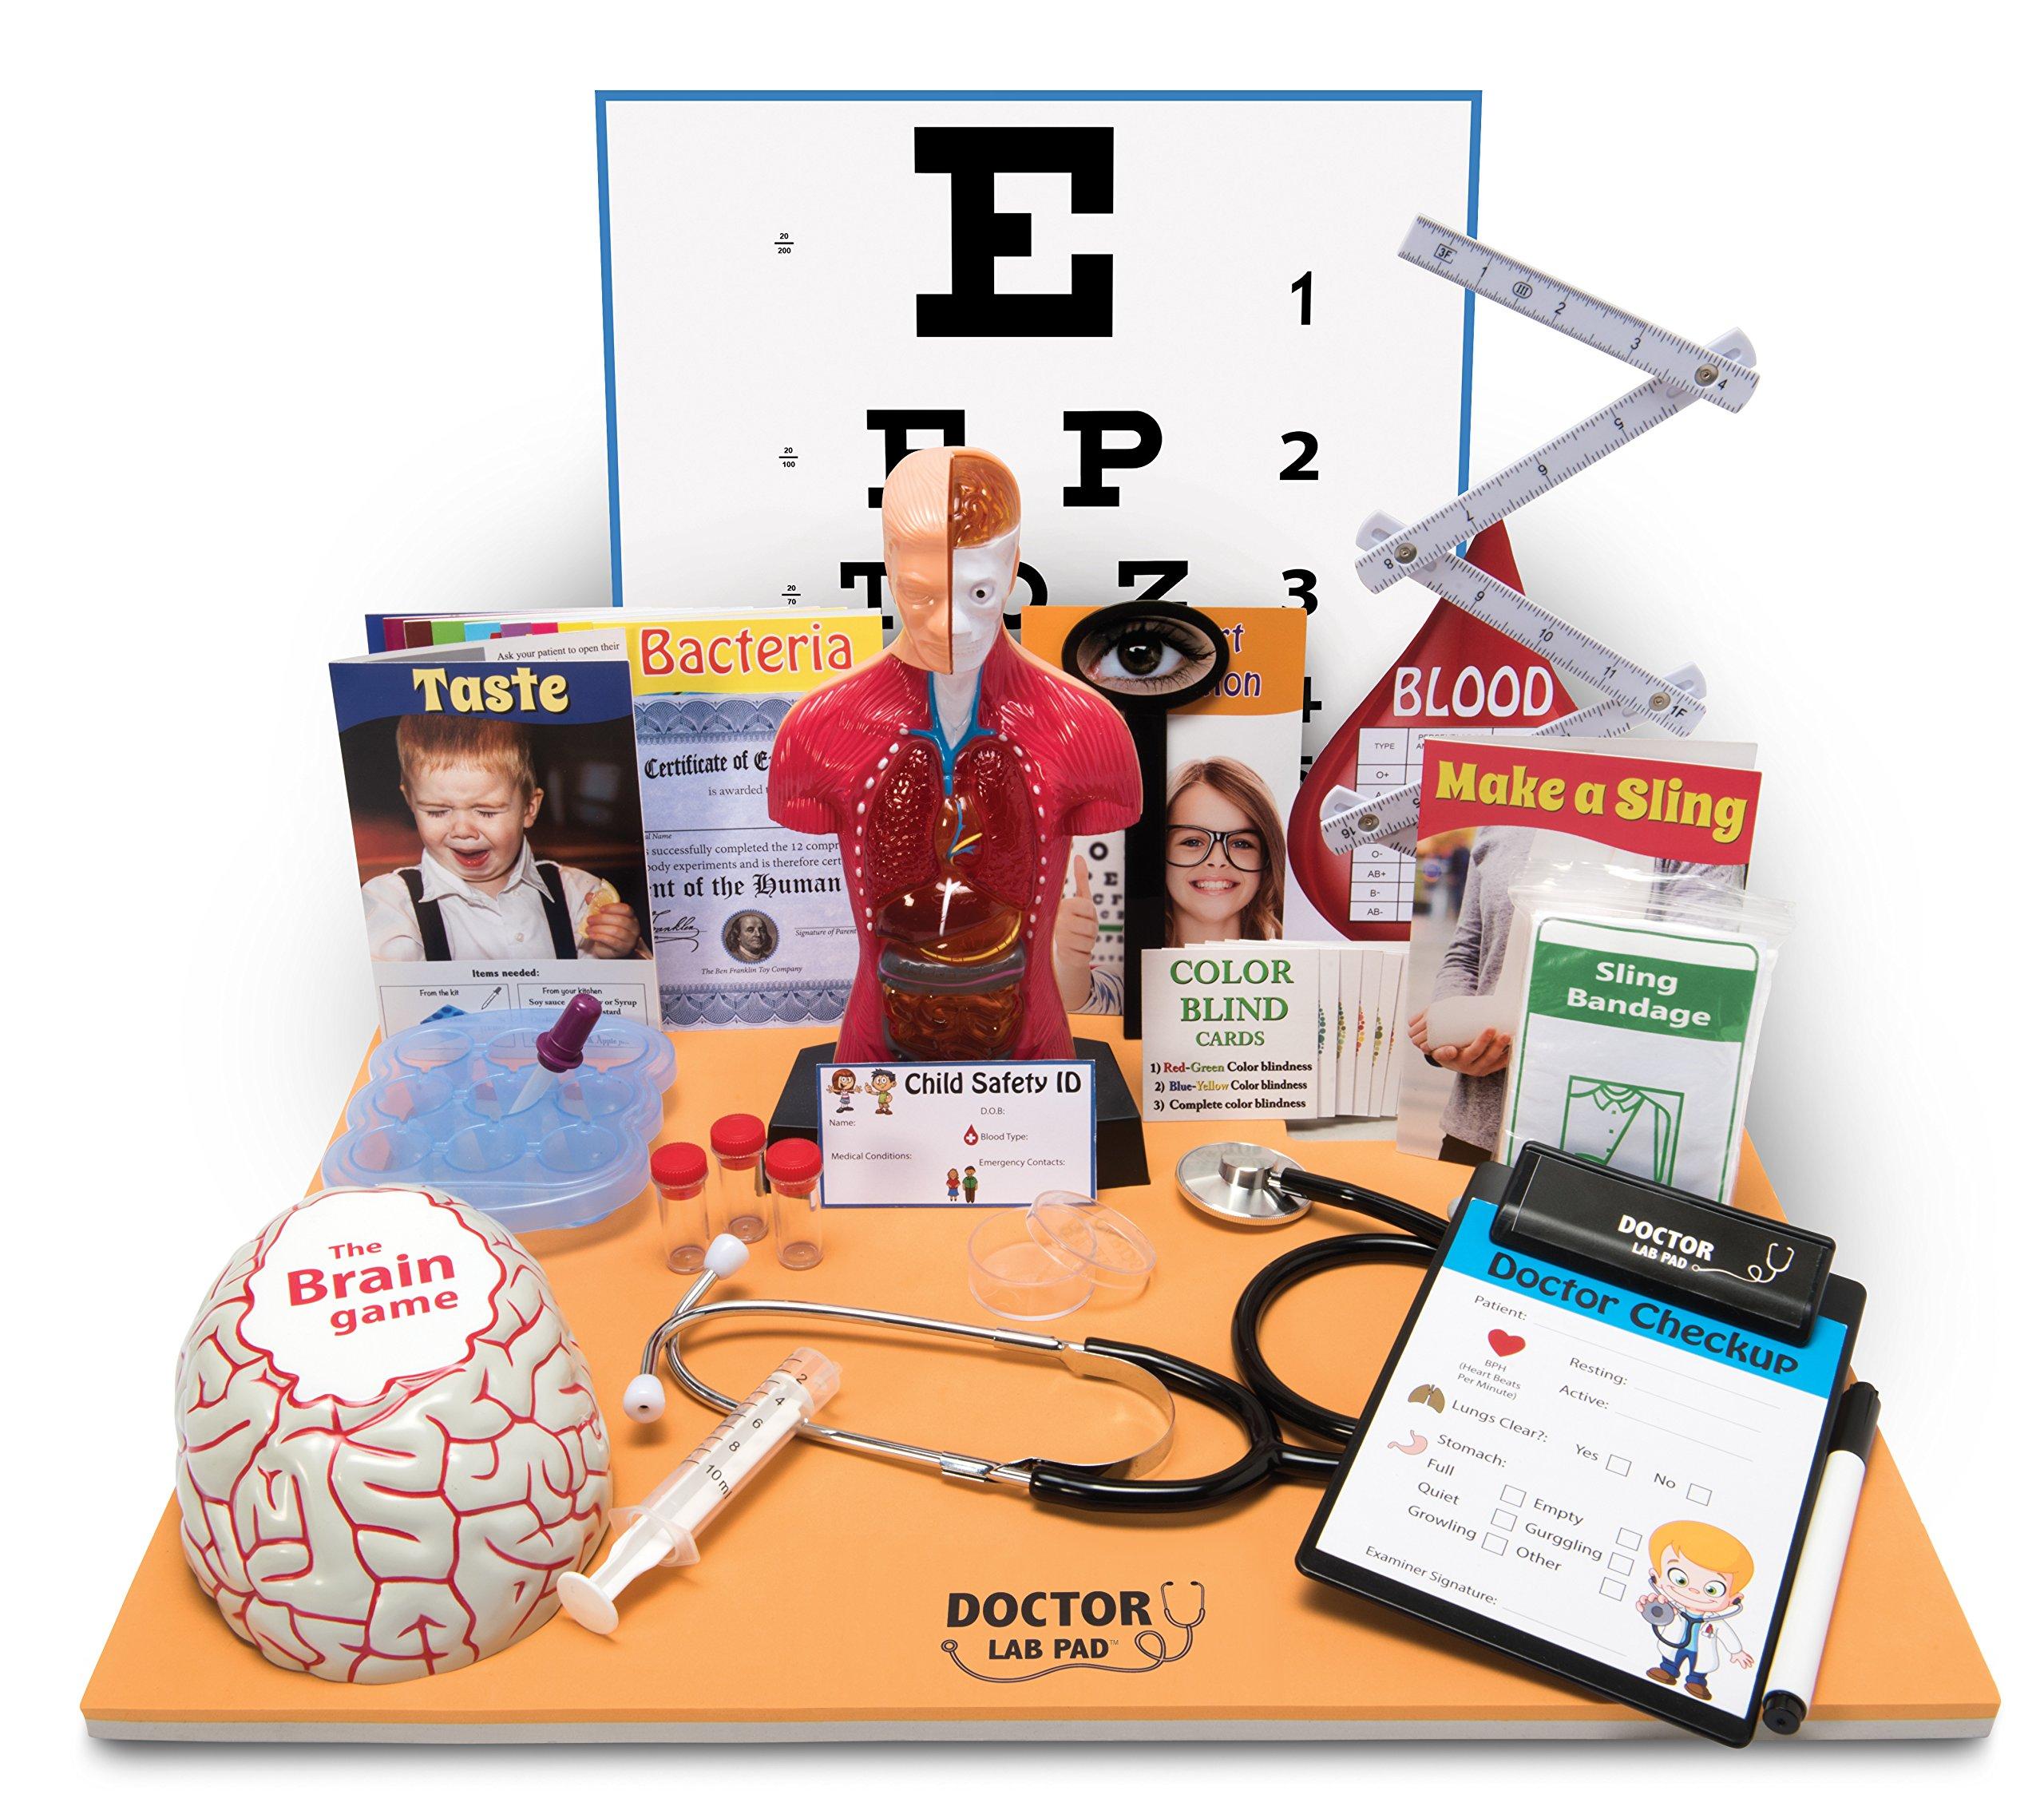 Ben Franklin Toys Doctor Lab Pad Biology Kit by Ben Franklin Toys (Image #1)